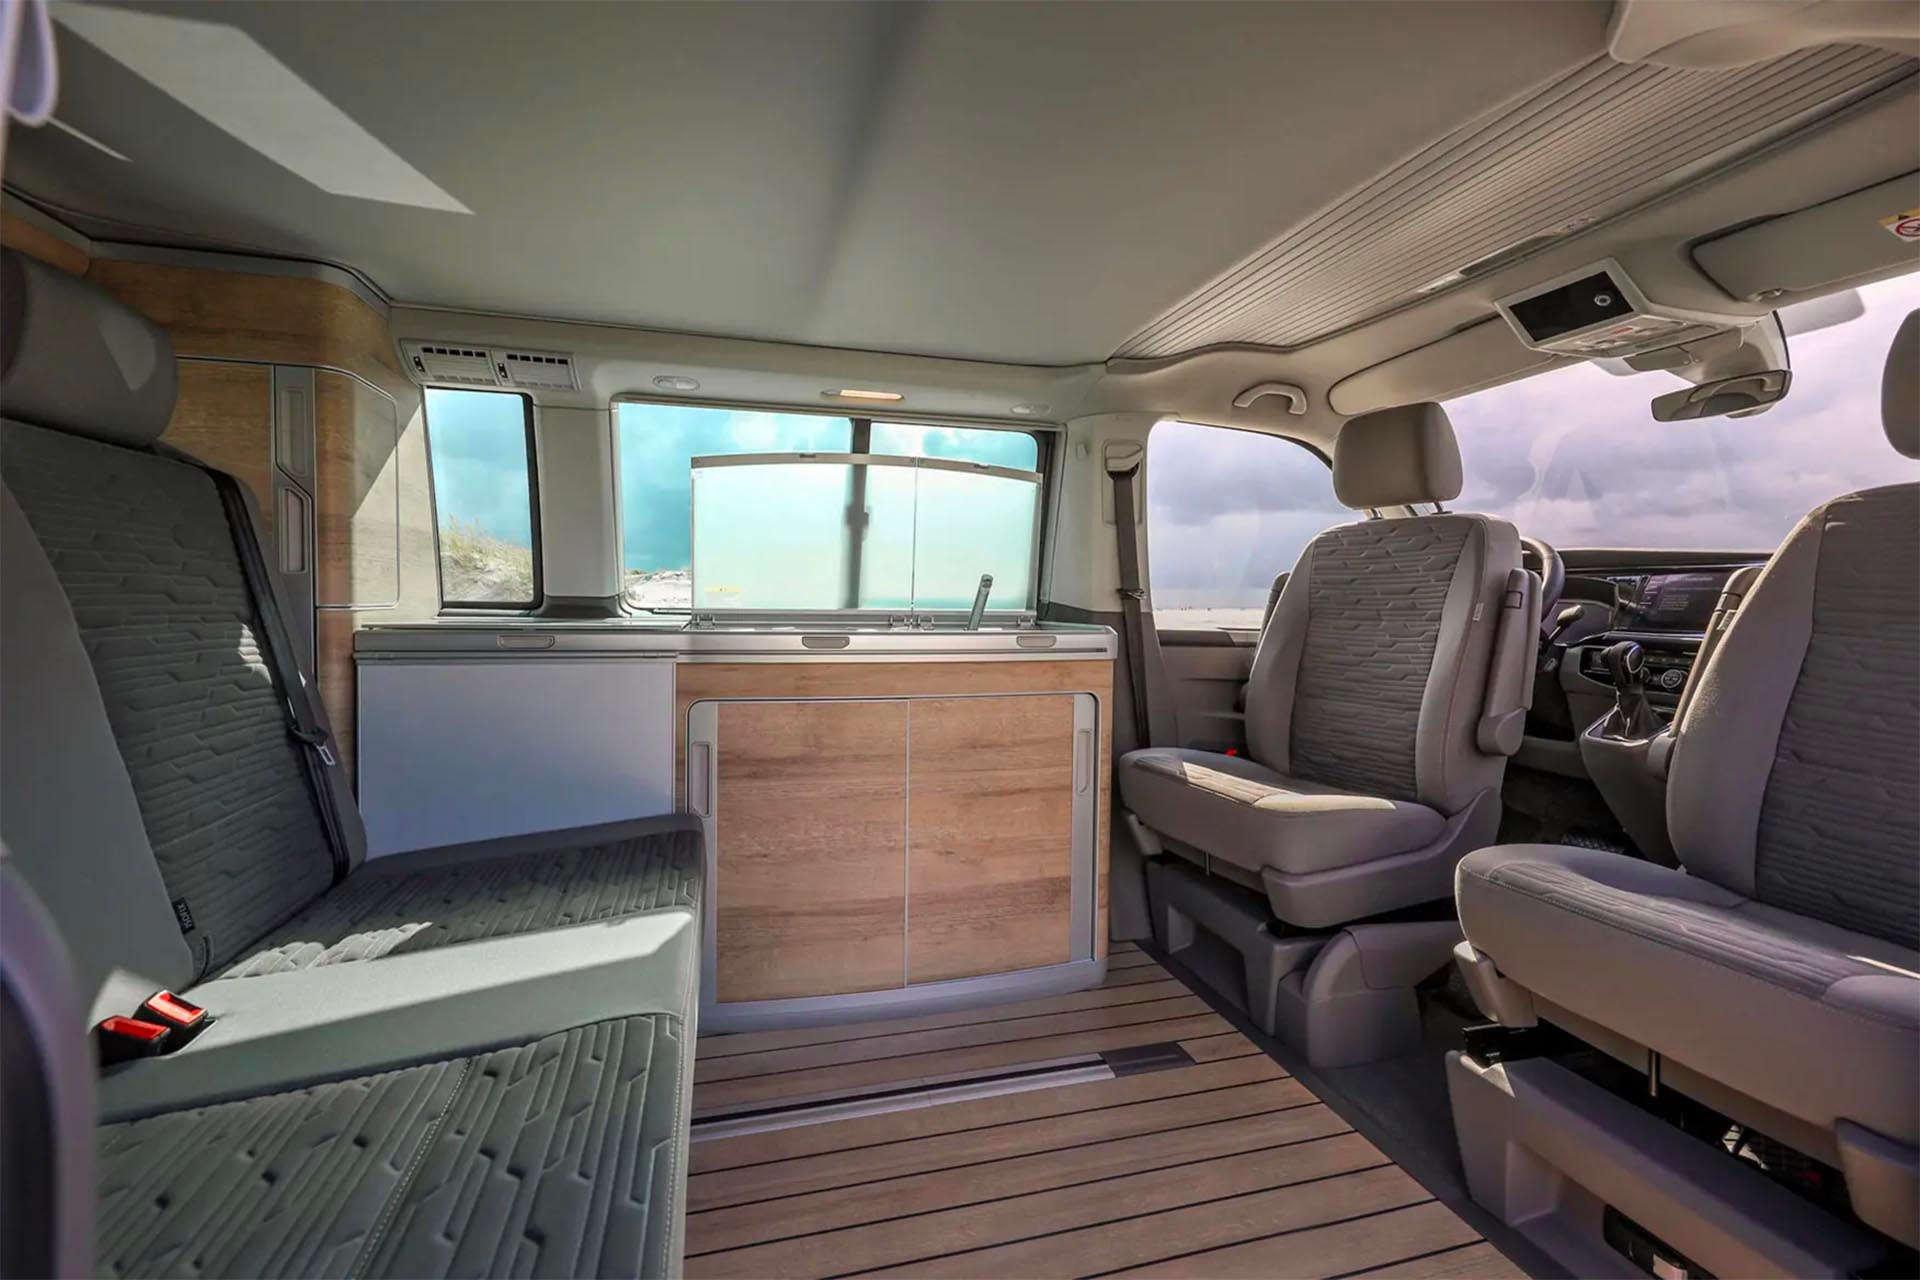 Volkswagen California 6.1 Camper Van interior